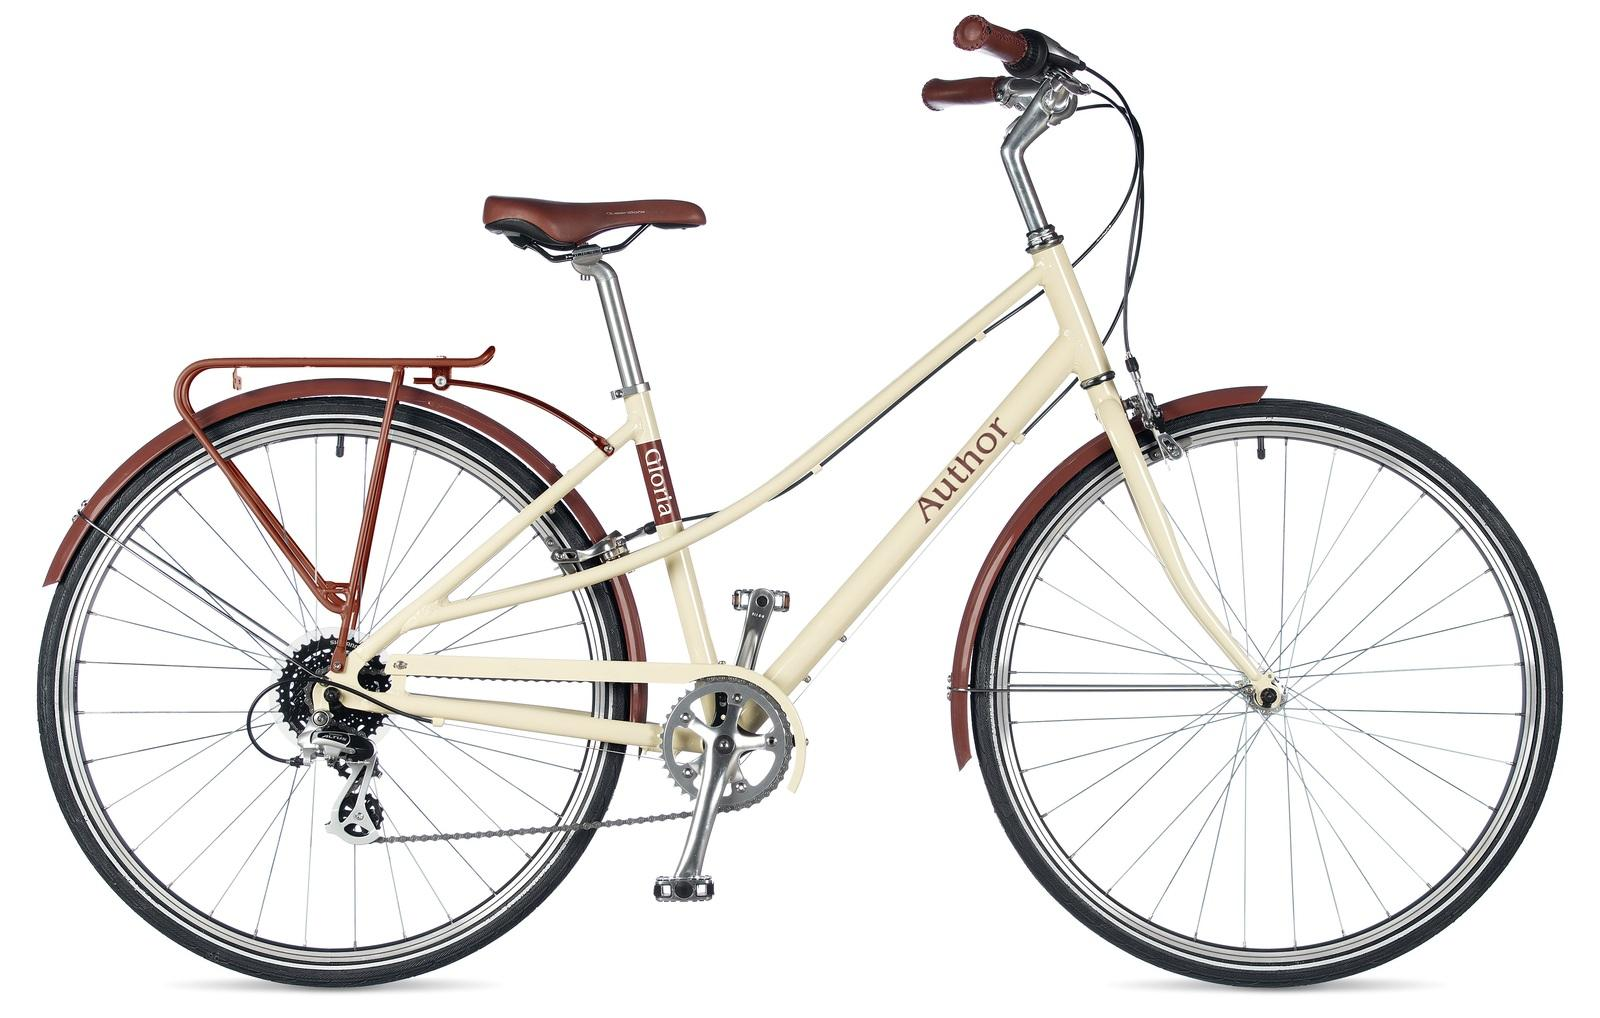 Лучшие женские велосипеды для города 2019 года